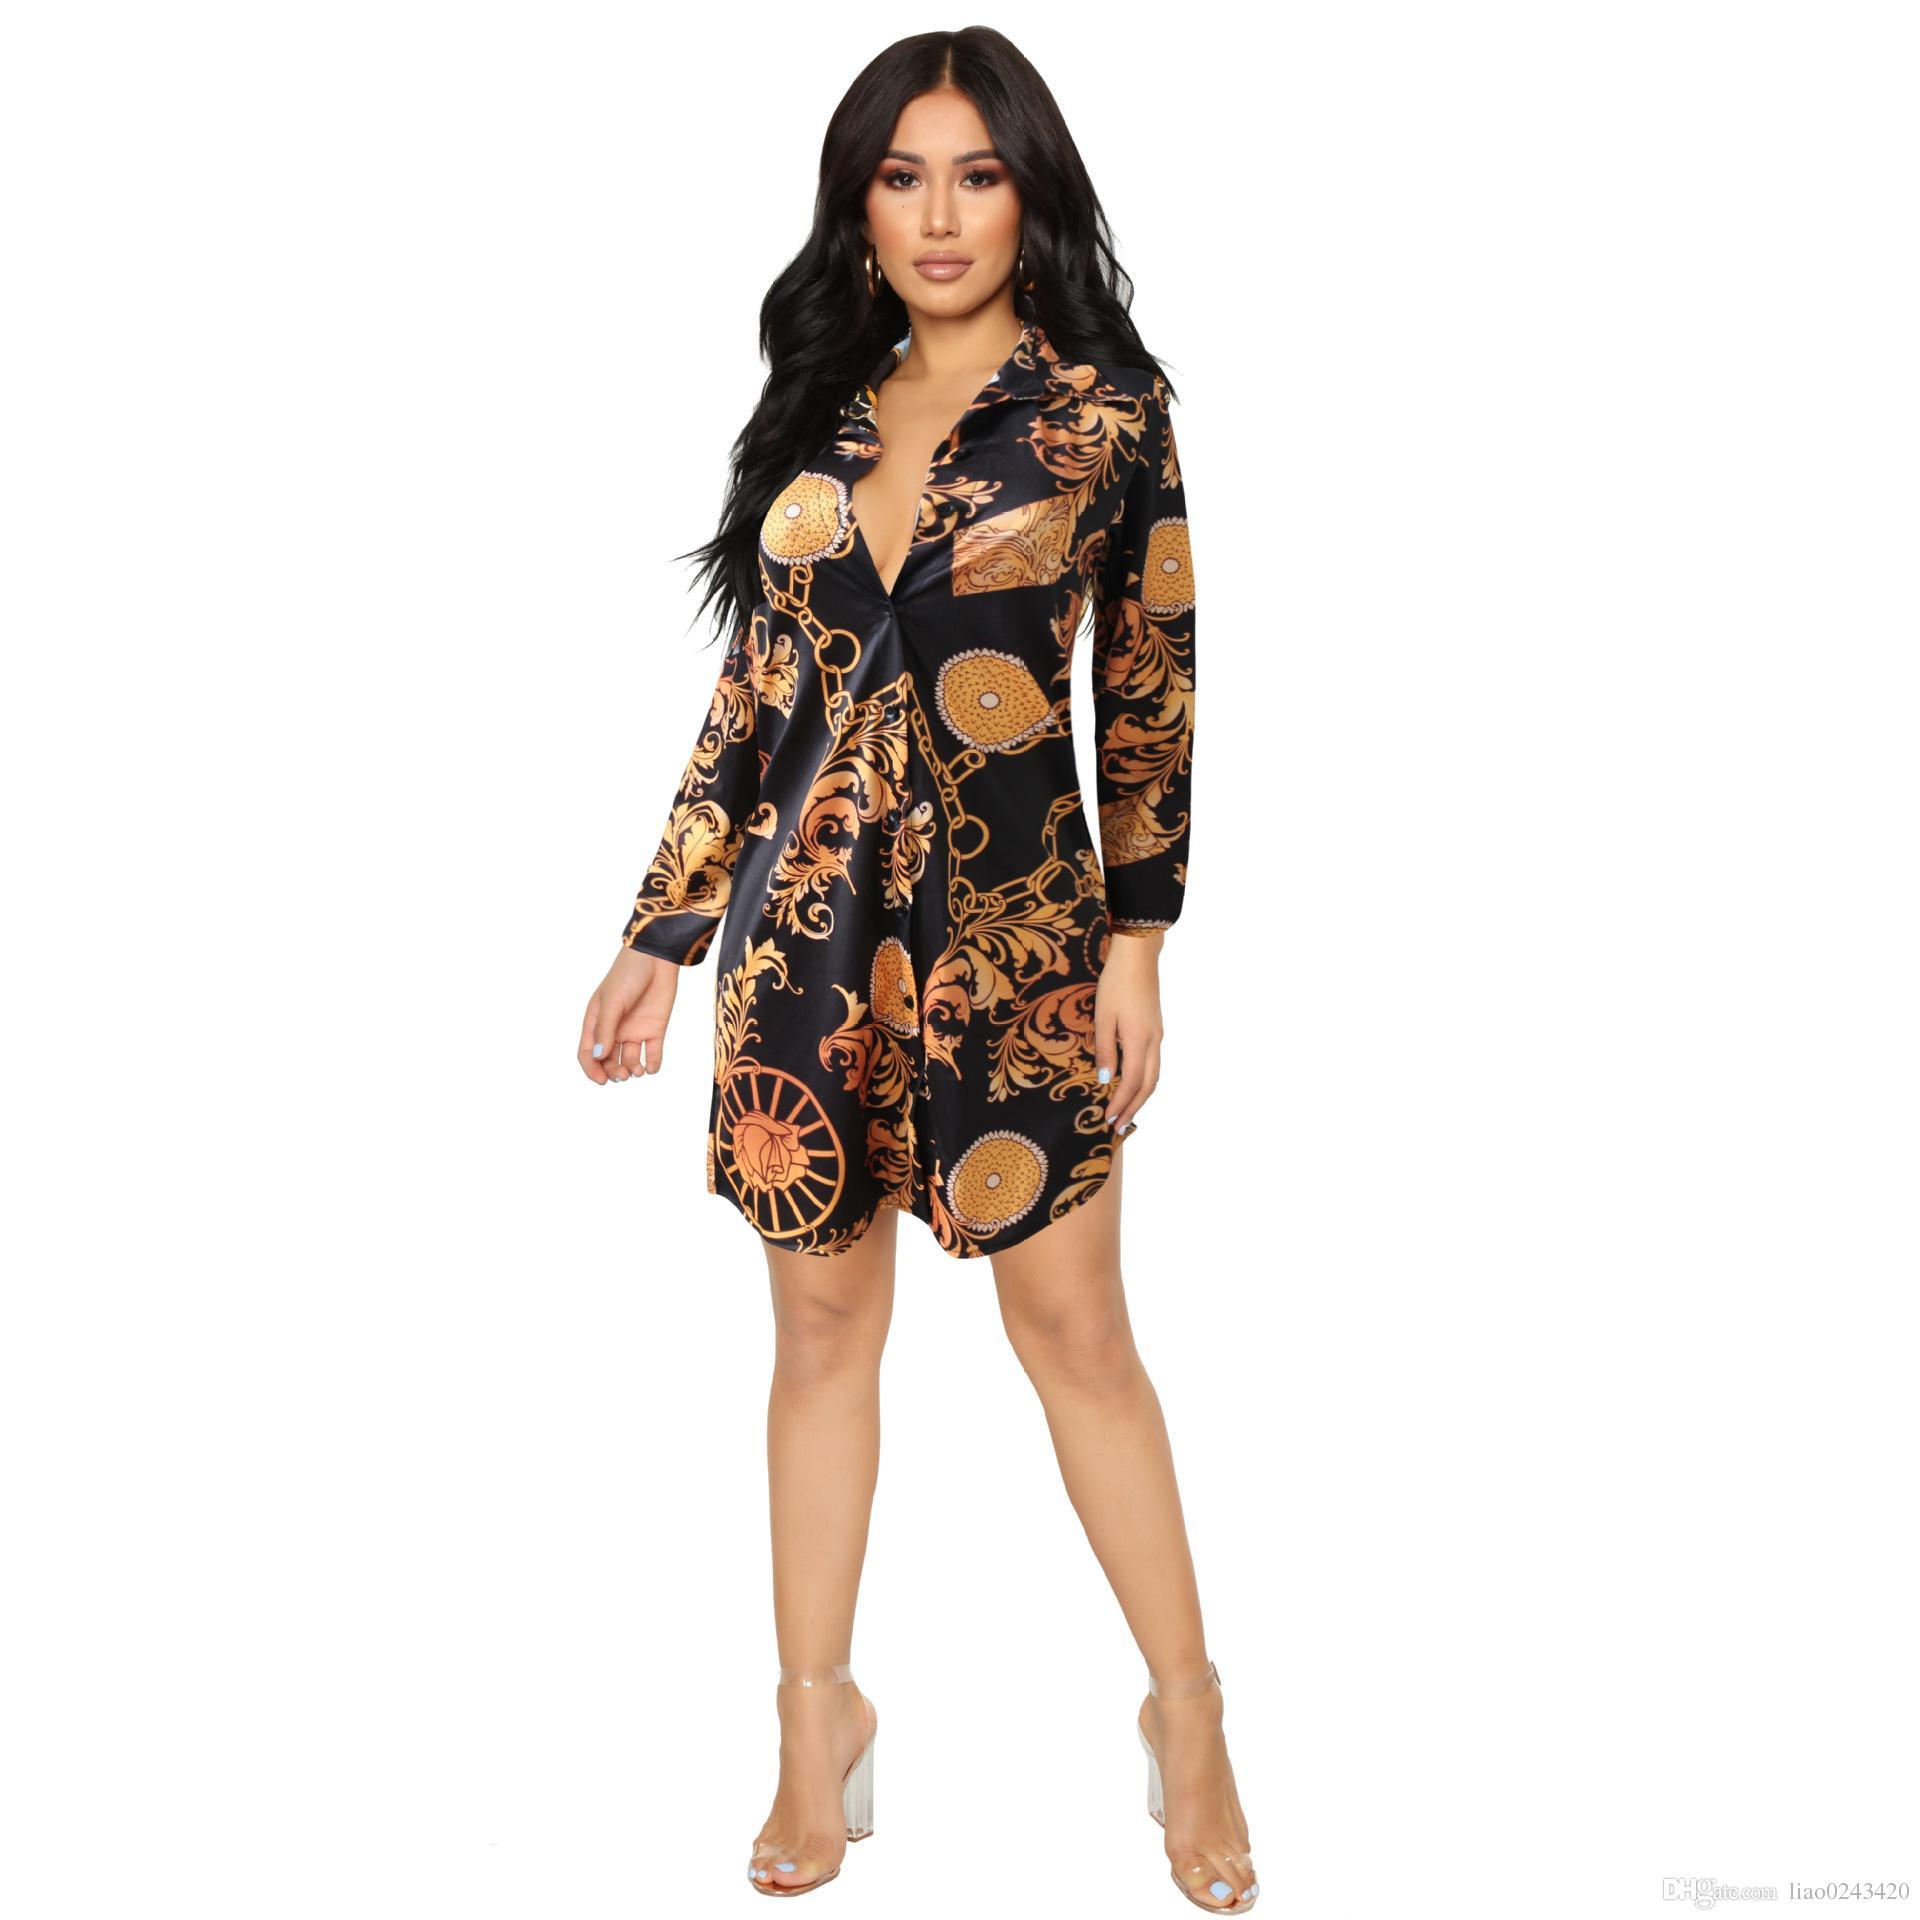 34f6457b96d Свободный корабль женщины Сексуальная стенд воротник золотой цепи печати  рубашки платья повседневная Slim Fit мини-платье клуб Party Wear Dress XXXL  плюс